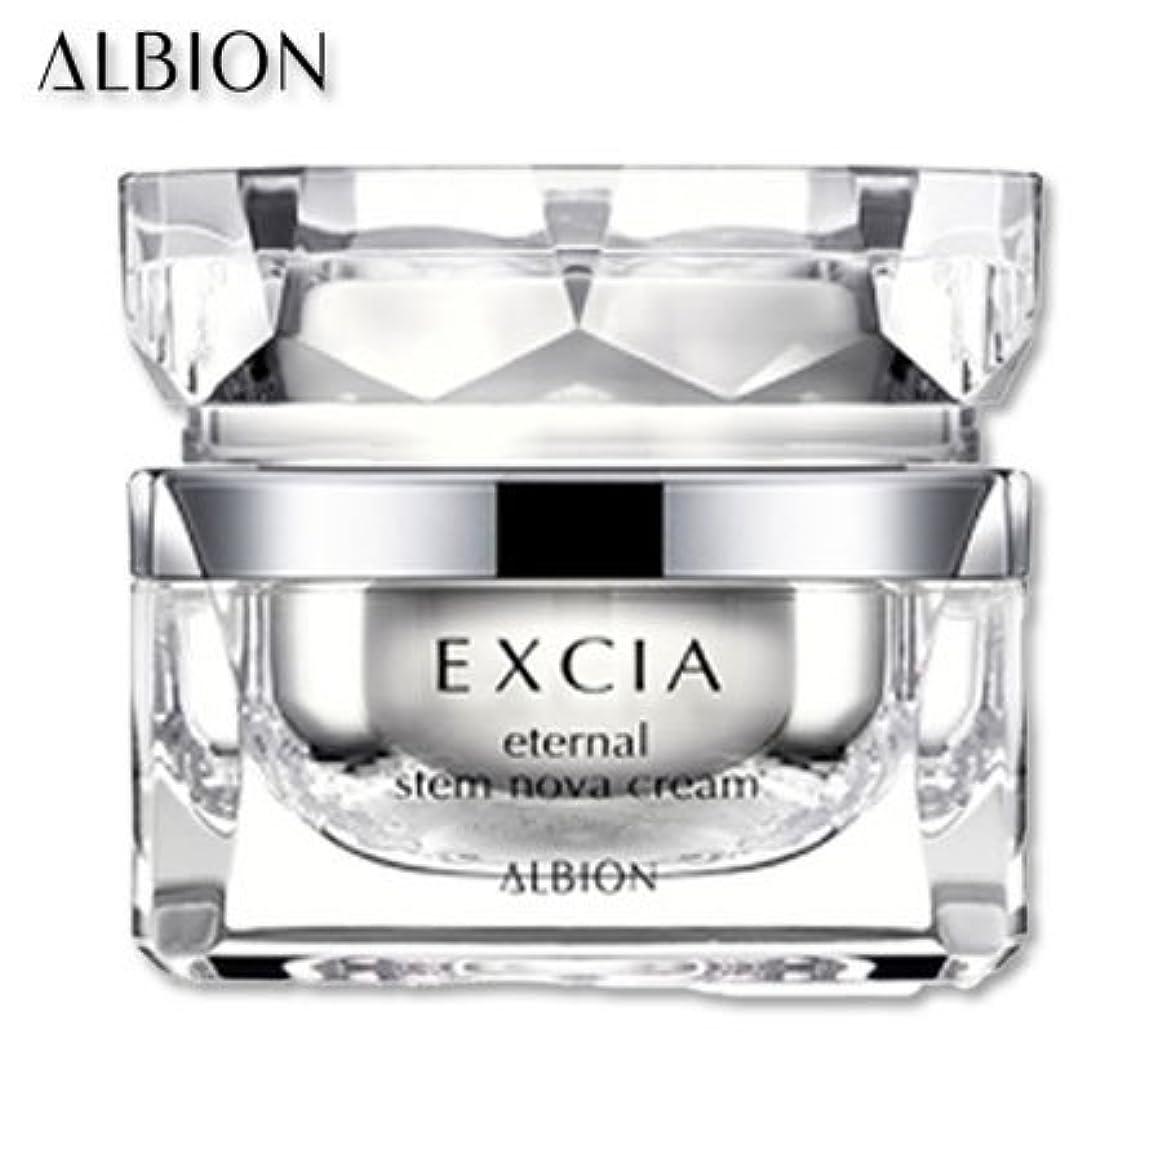 組立ブラウン酸化するアルビオン エクシア AL エターナル ステム ノーヴァ クリーム 30g-ALBION-